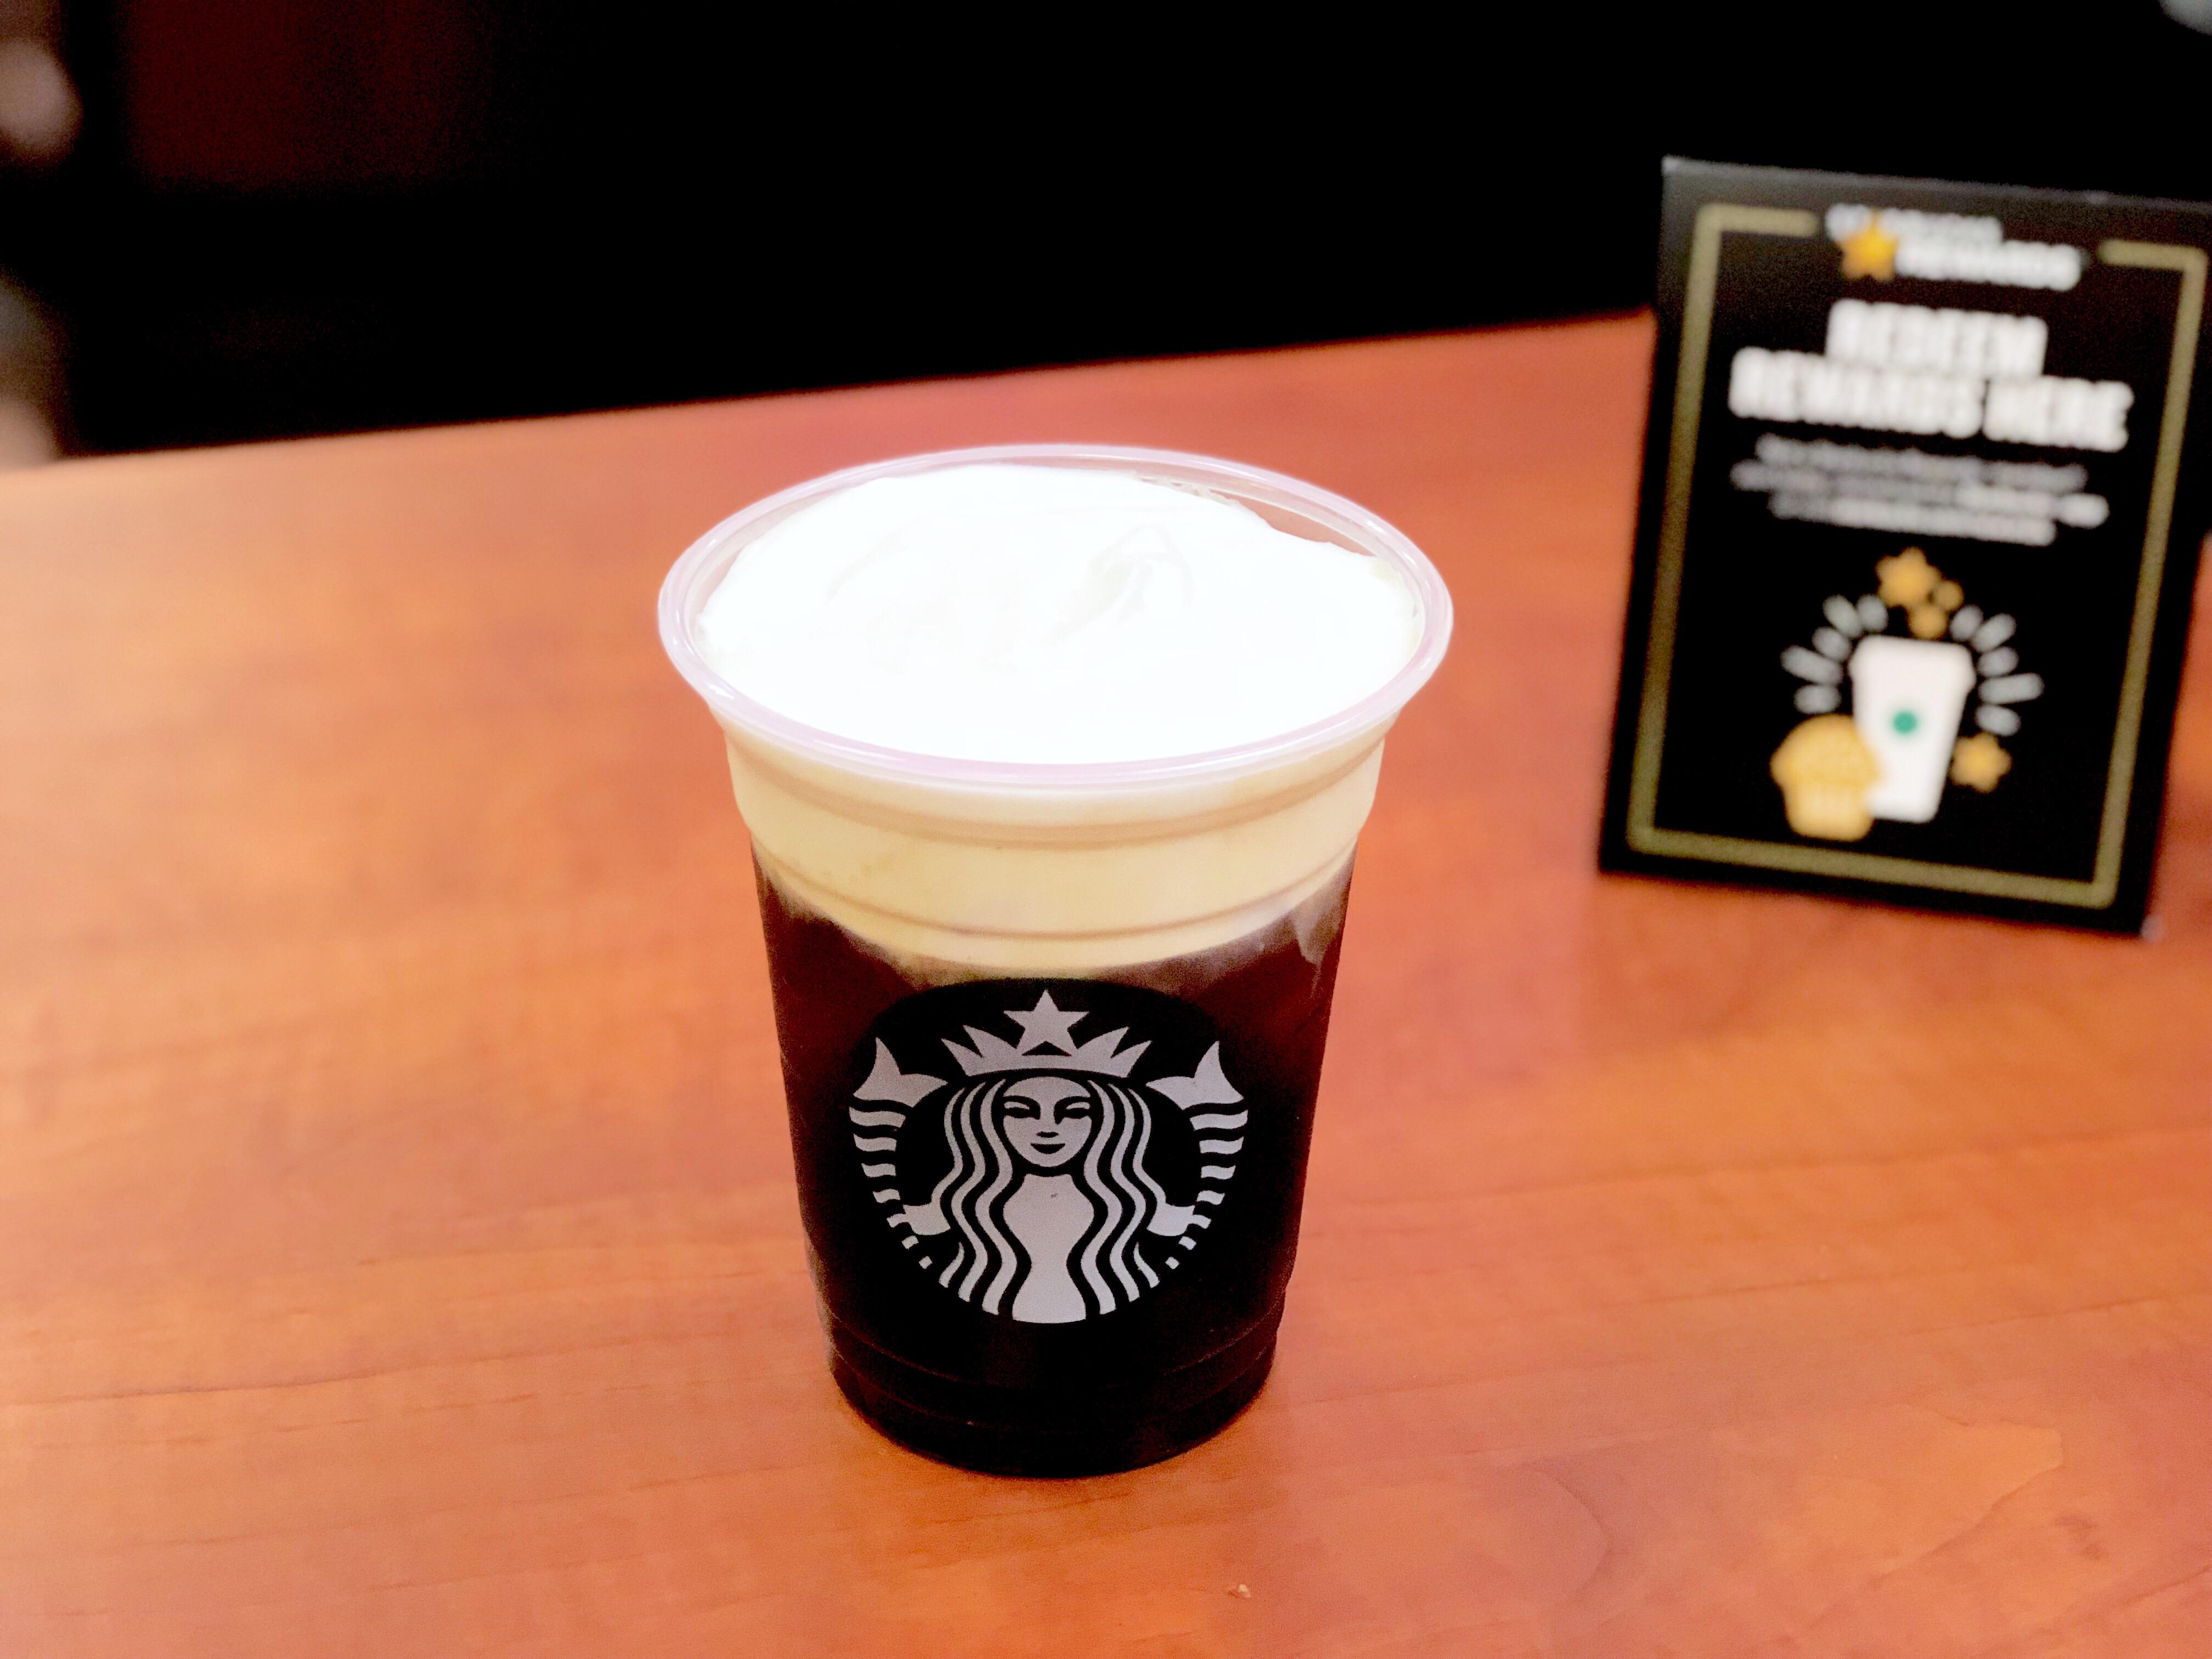 free starbucks coffee january – cup of coffee